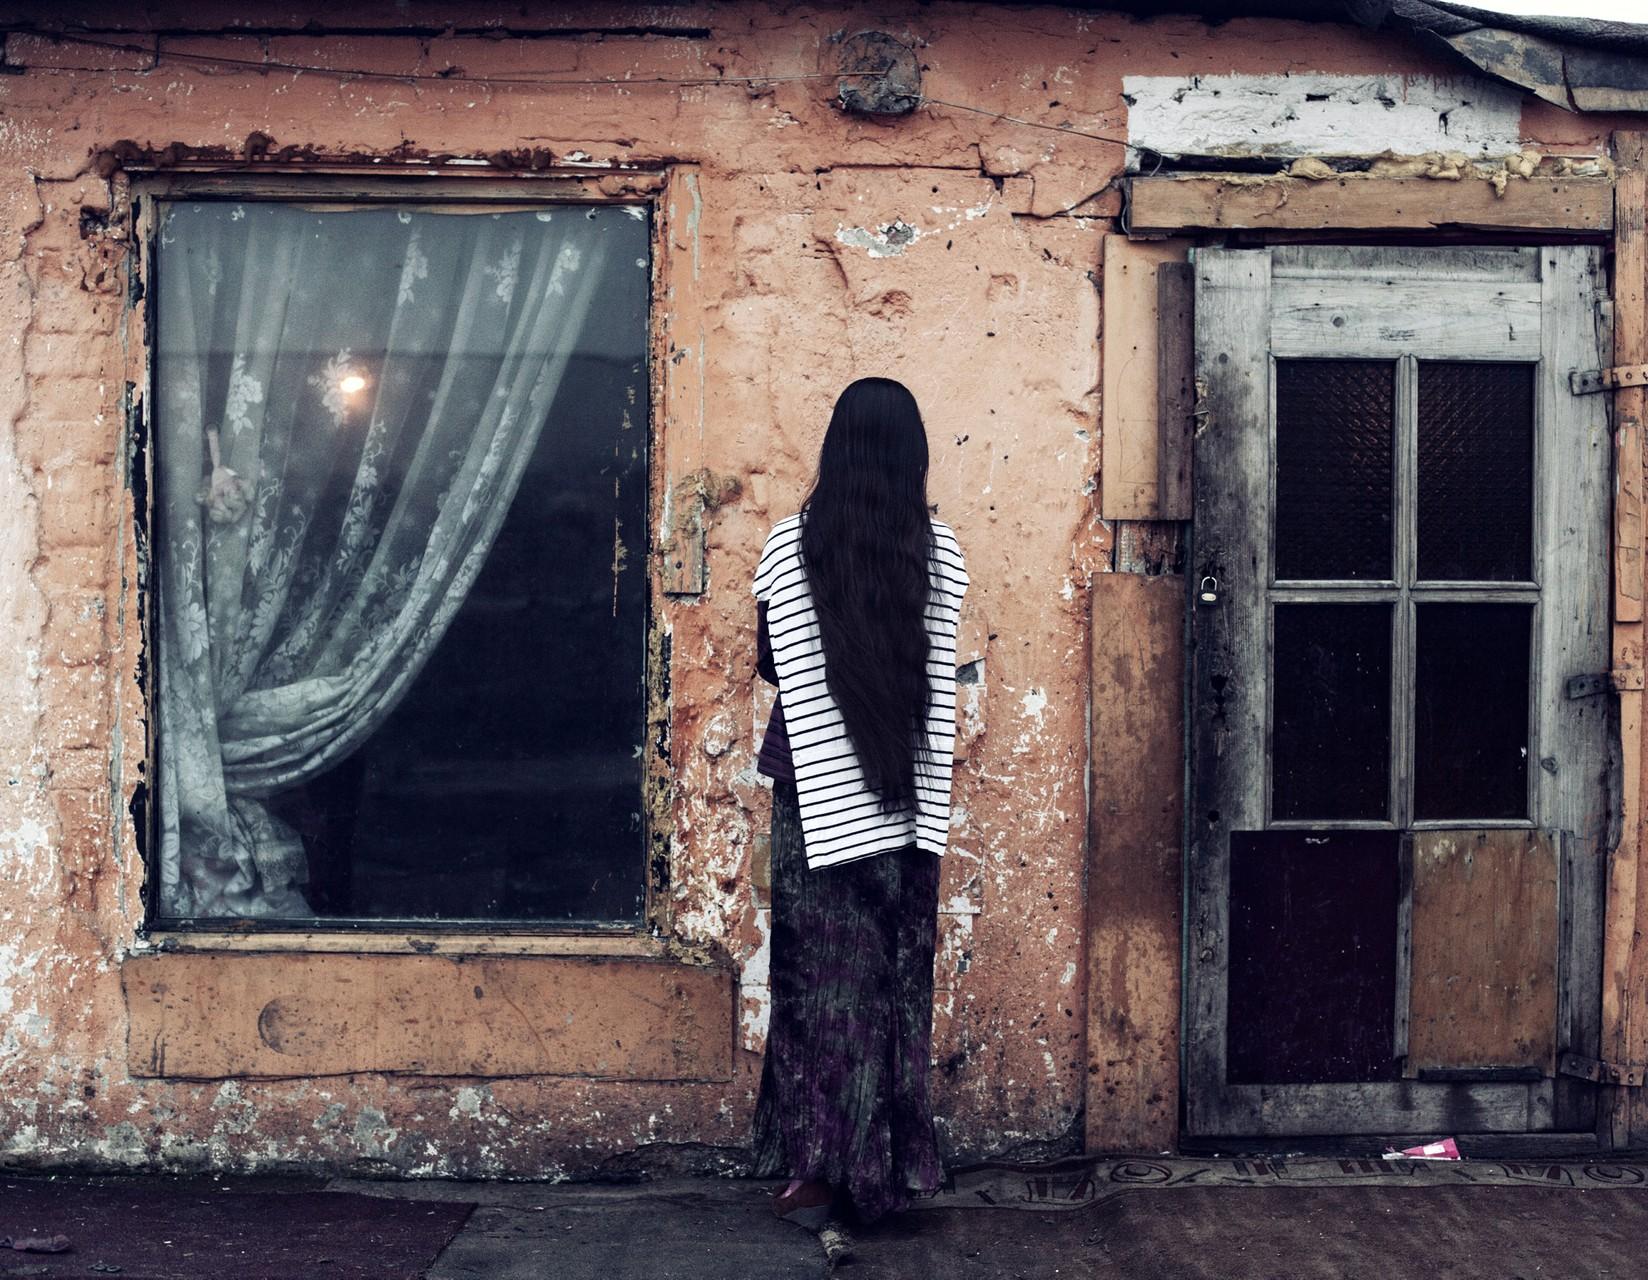 Жизнь с клеймом: цыганский табор на польской границе (17 фото)